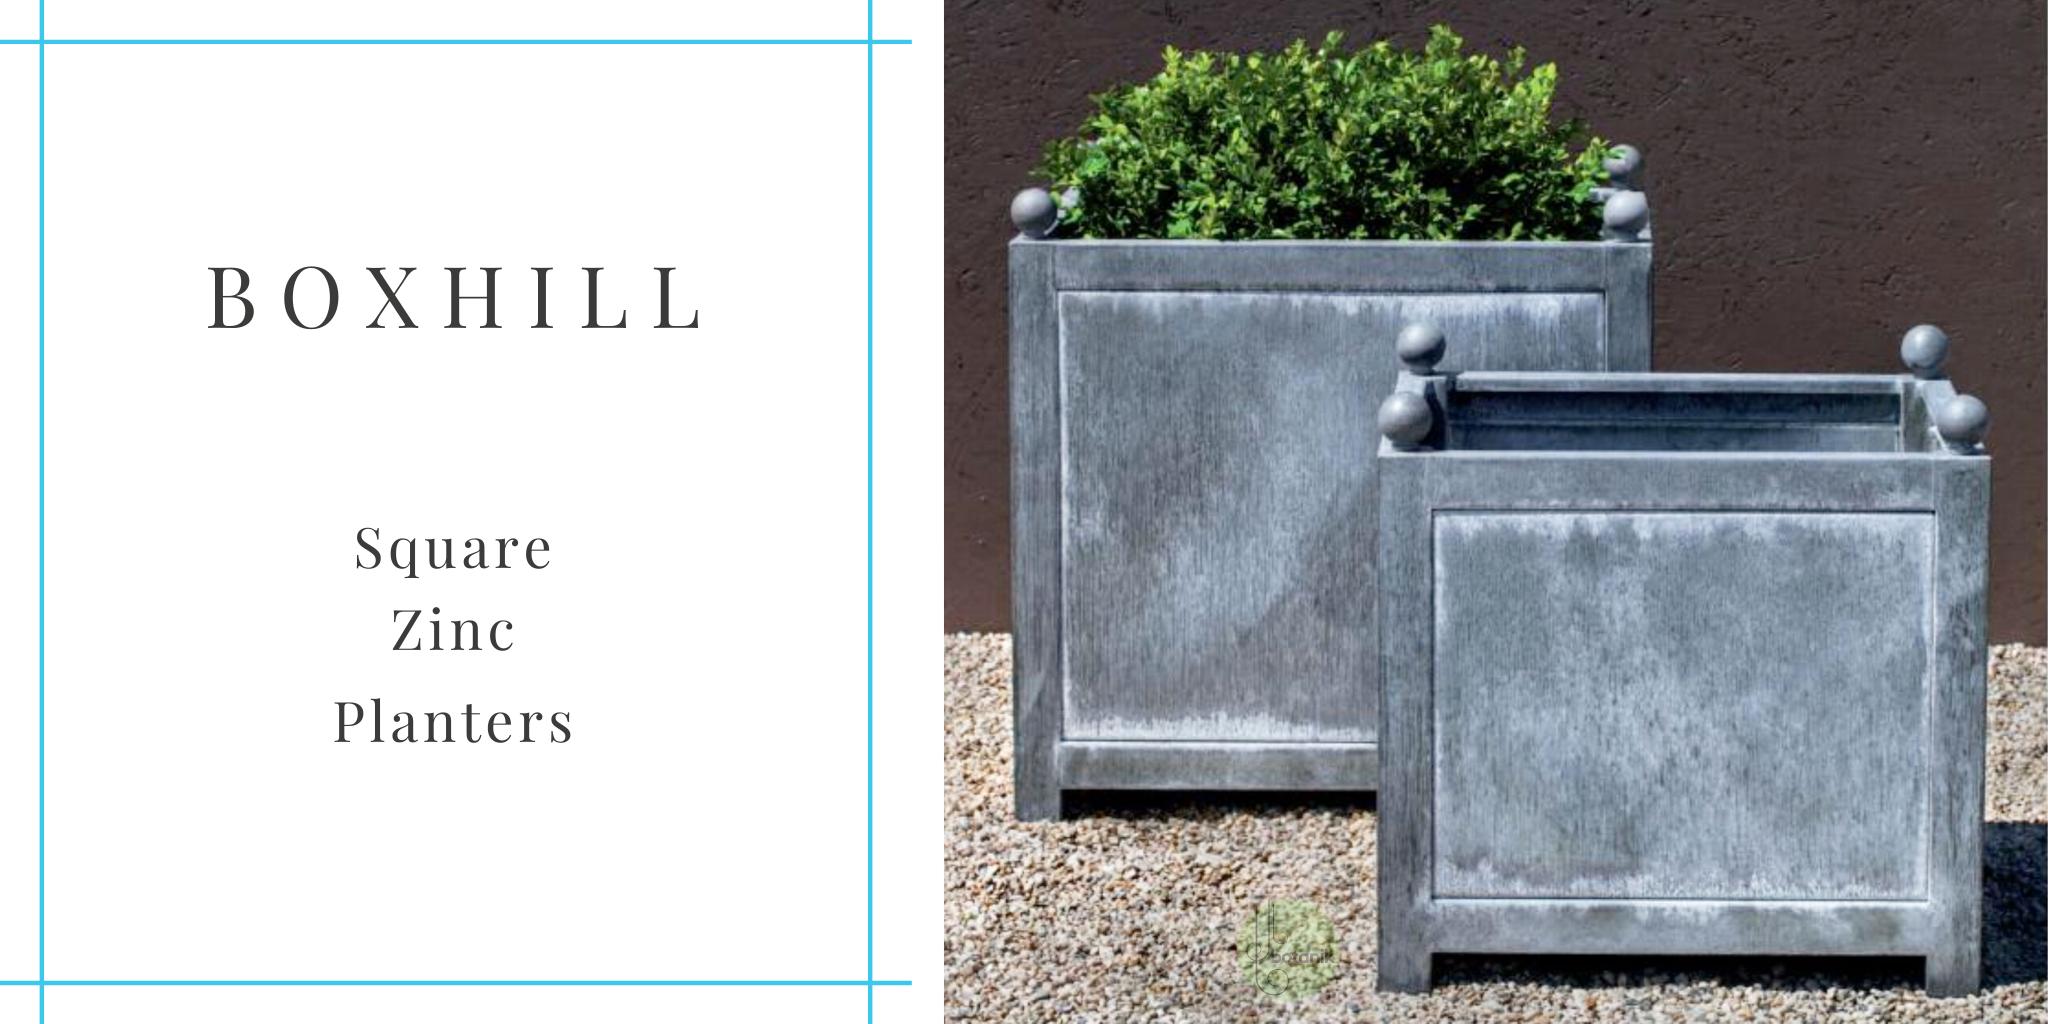 boxhill-square-zinc-planters-by-campania